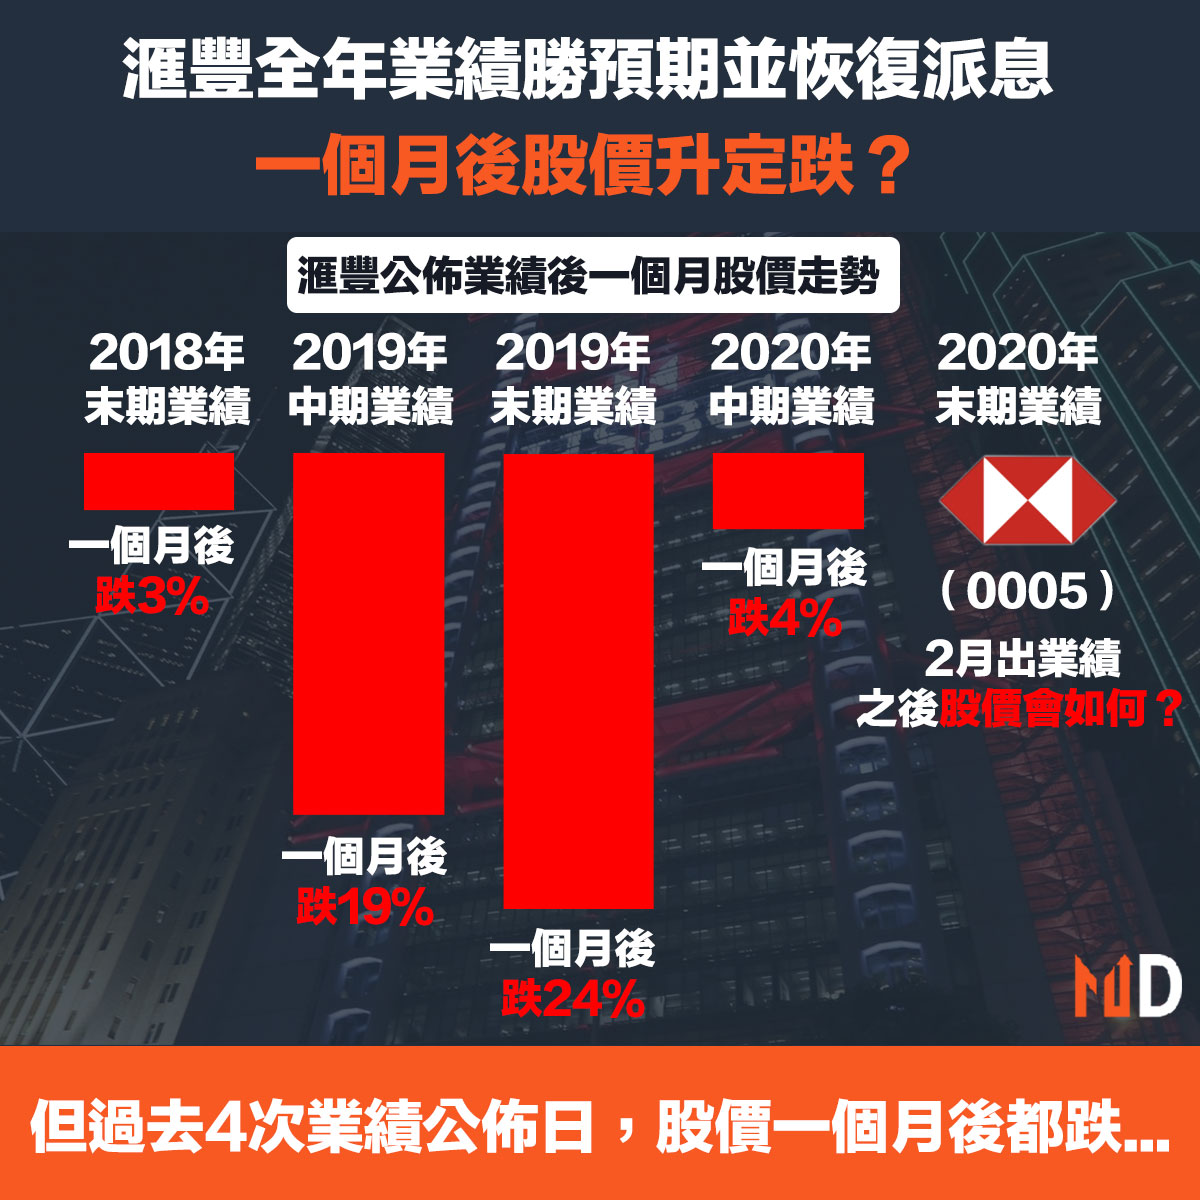 【滙豐業績】滙豐全年業績勝預期並恢復派息,一個月後股價升定跌?